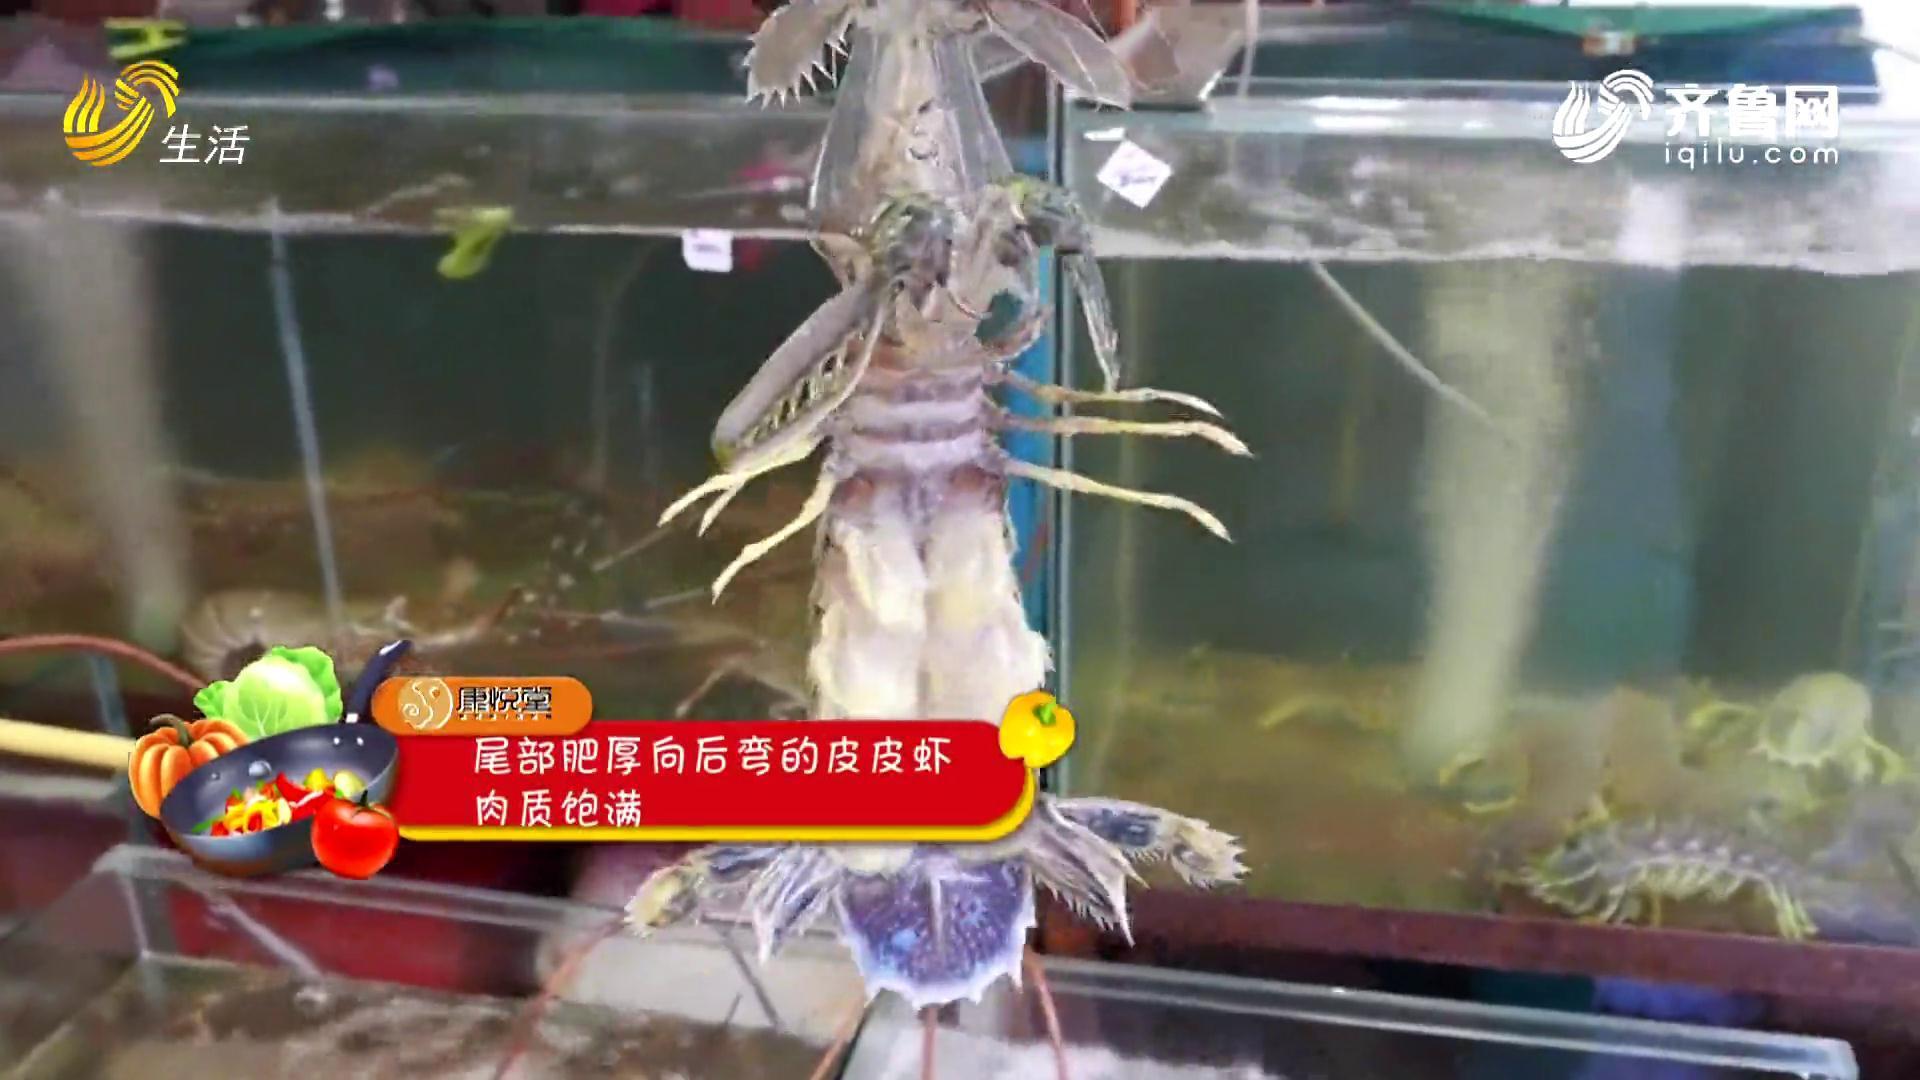 非探不可:如何挑选新鲜皮皮虾